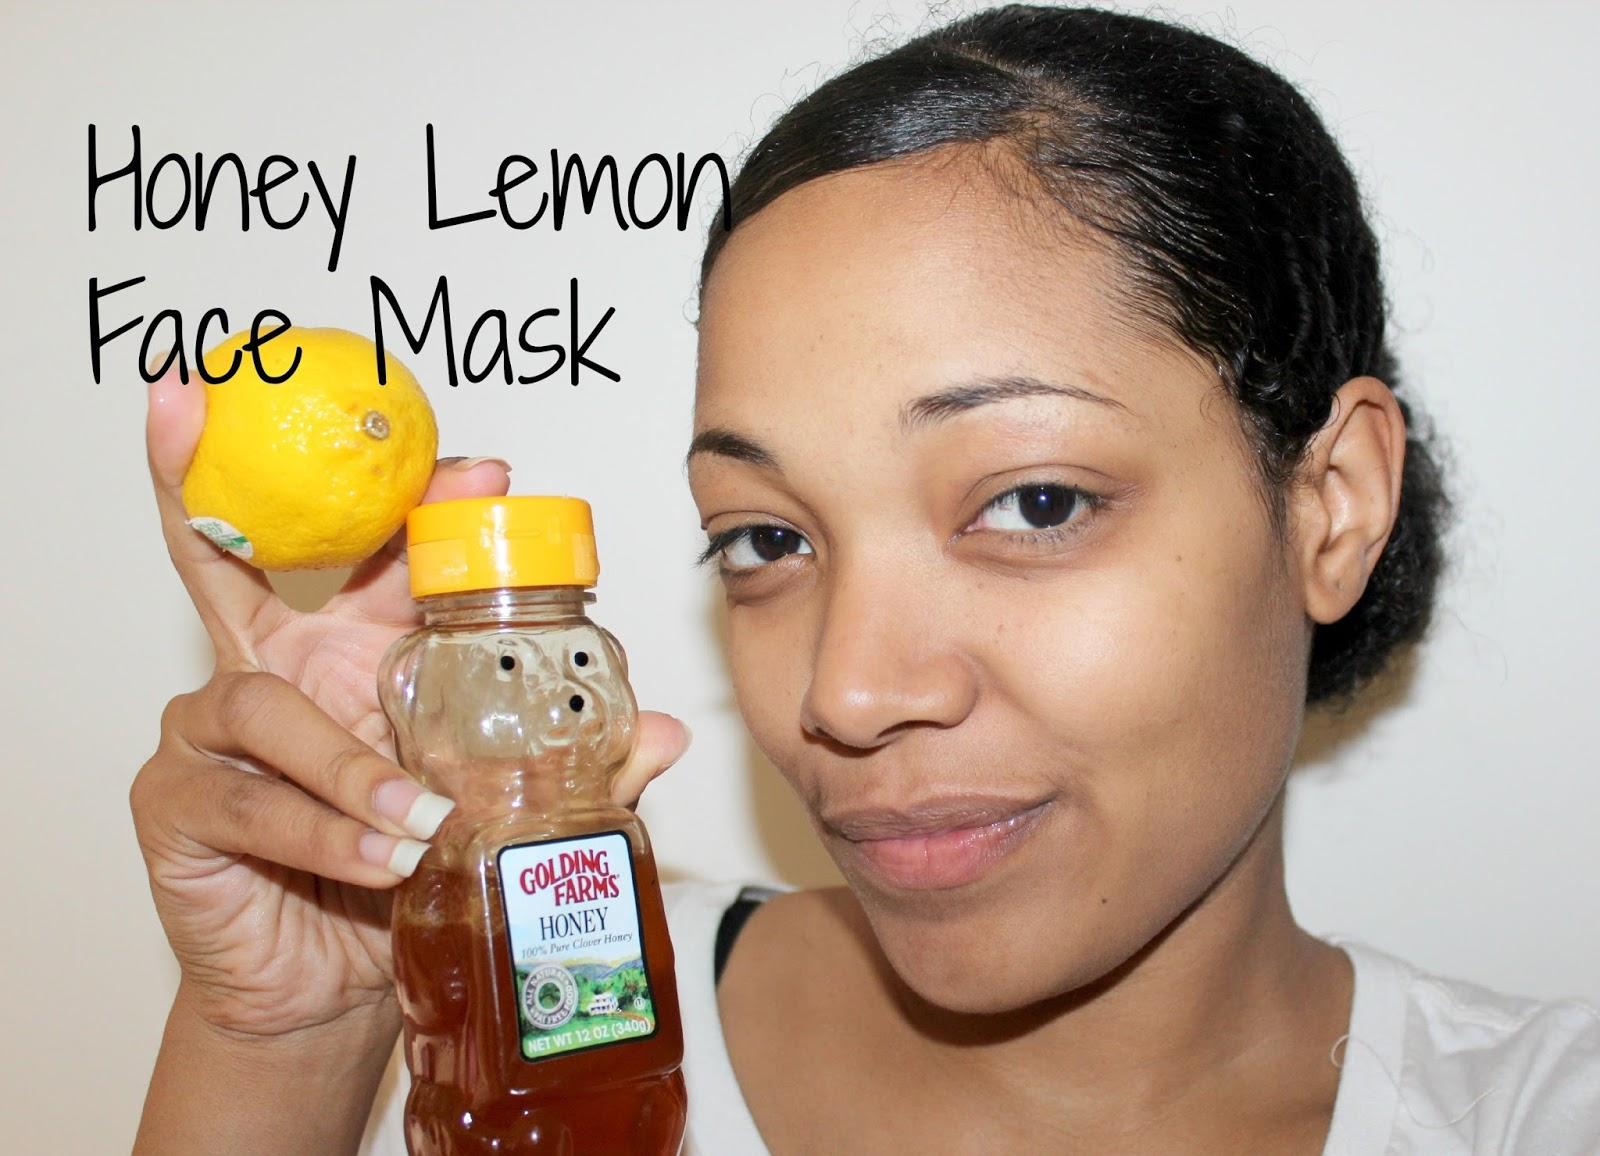 Lemon juice on face overnight acne patch